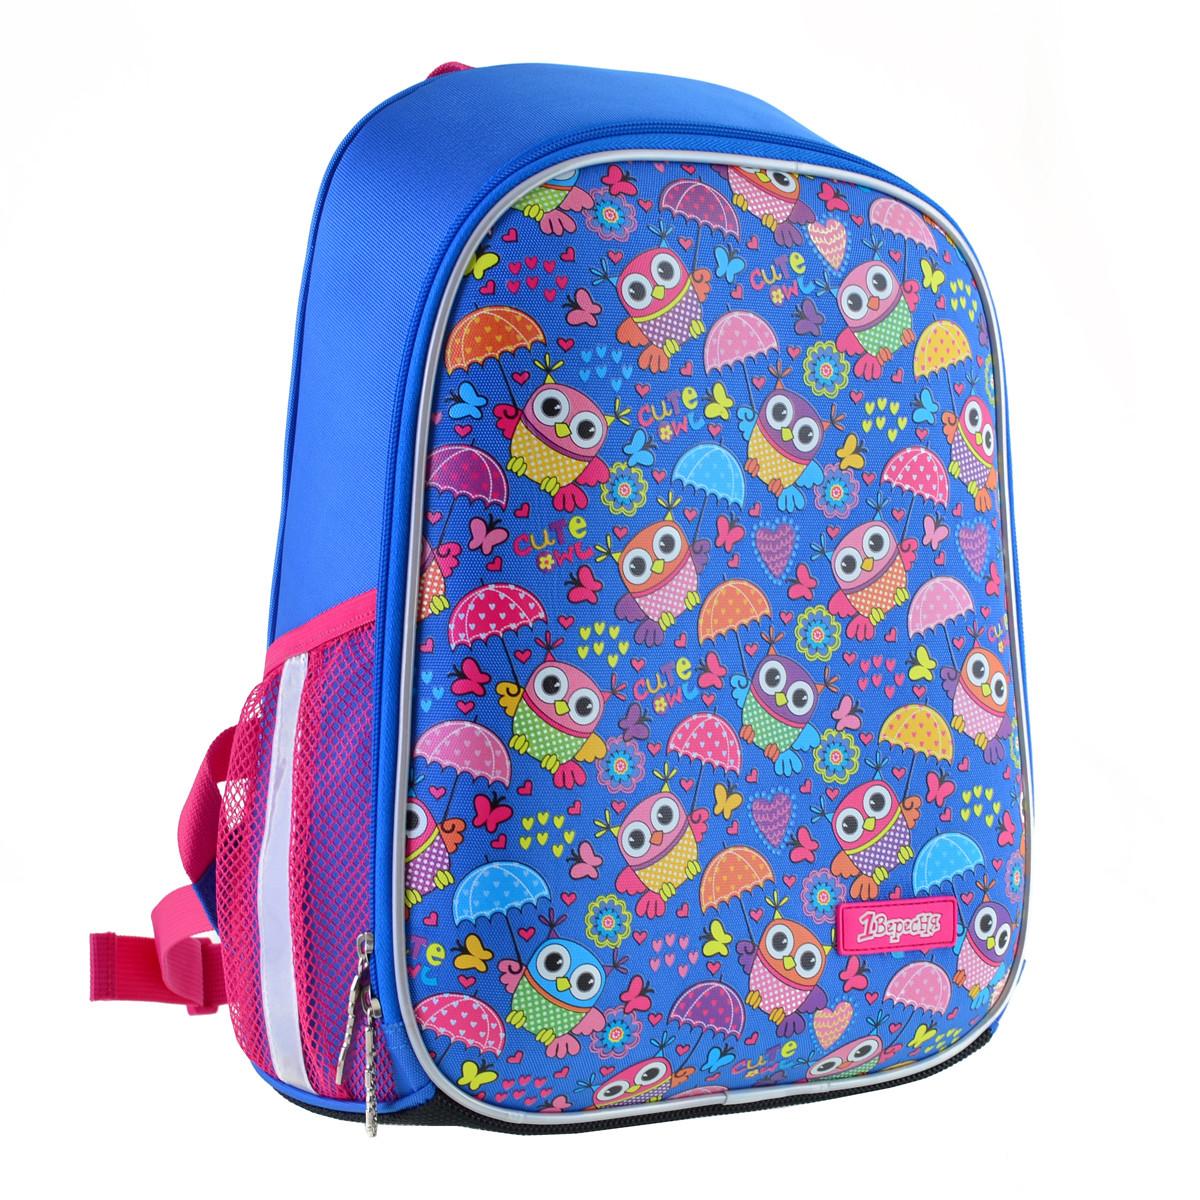 Рюкзак школьный ортопедический каркасный 1Вересня H-27 Owl party код: 557710